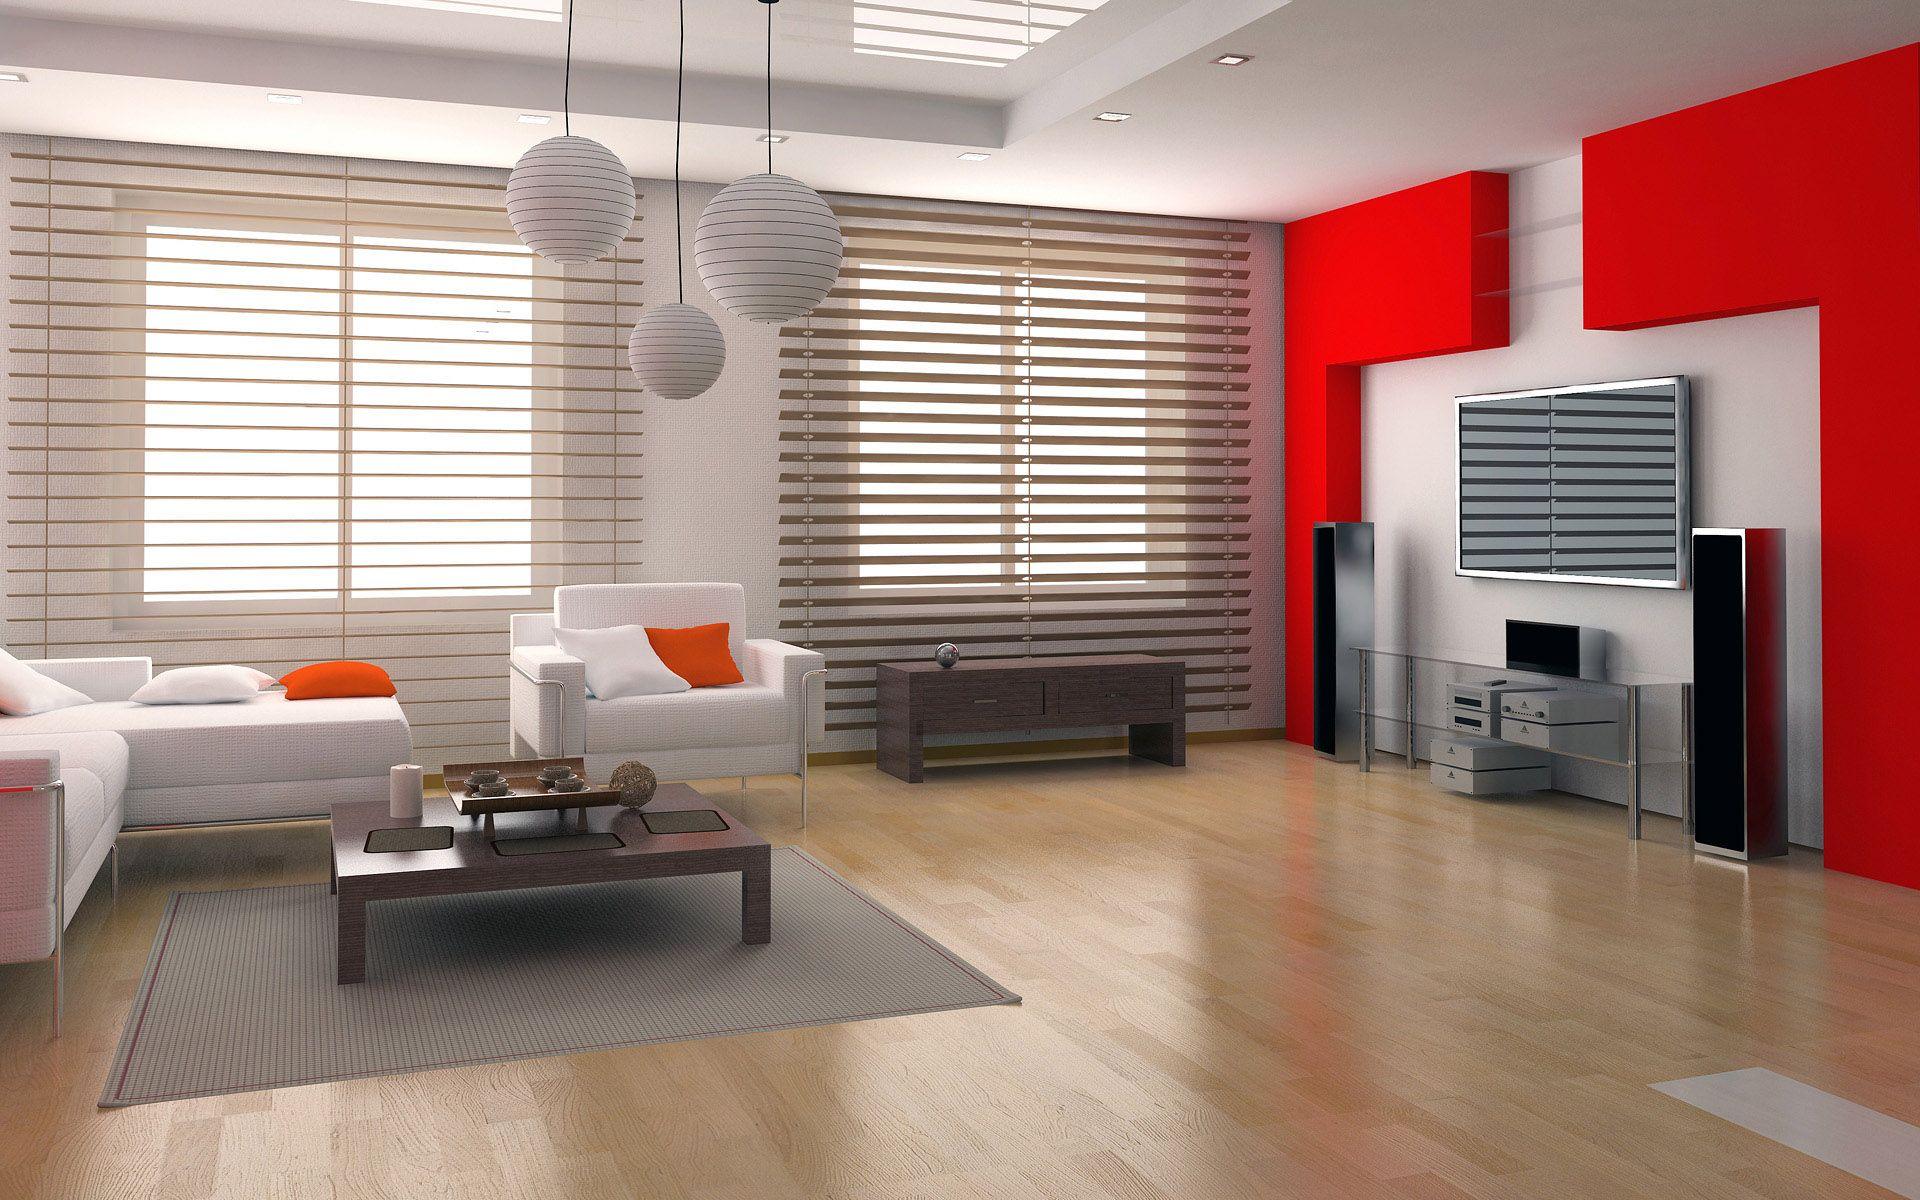 Decoration Moderne Avec Une Touche De Couleur Rouge Modern Living Room Interior Minimalist Living Room Living Room Arrangements